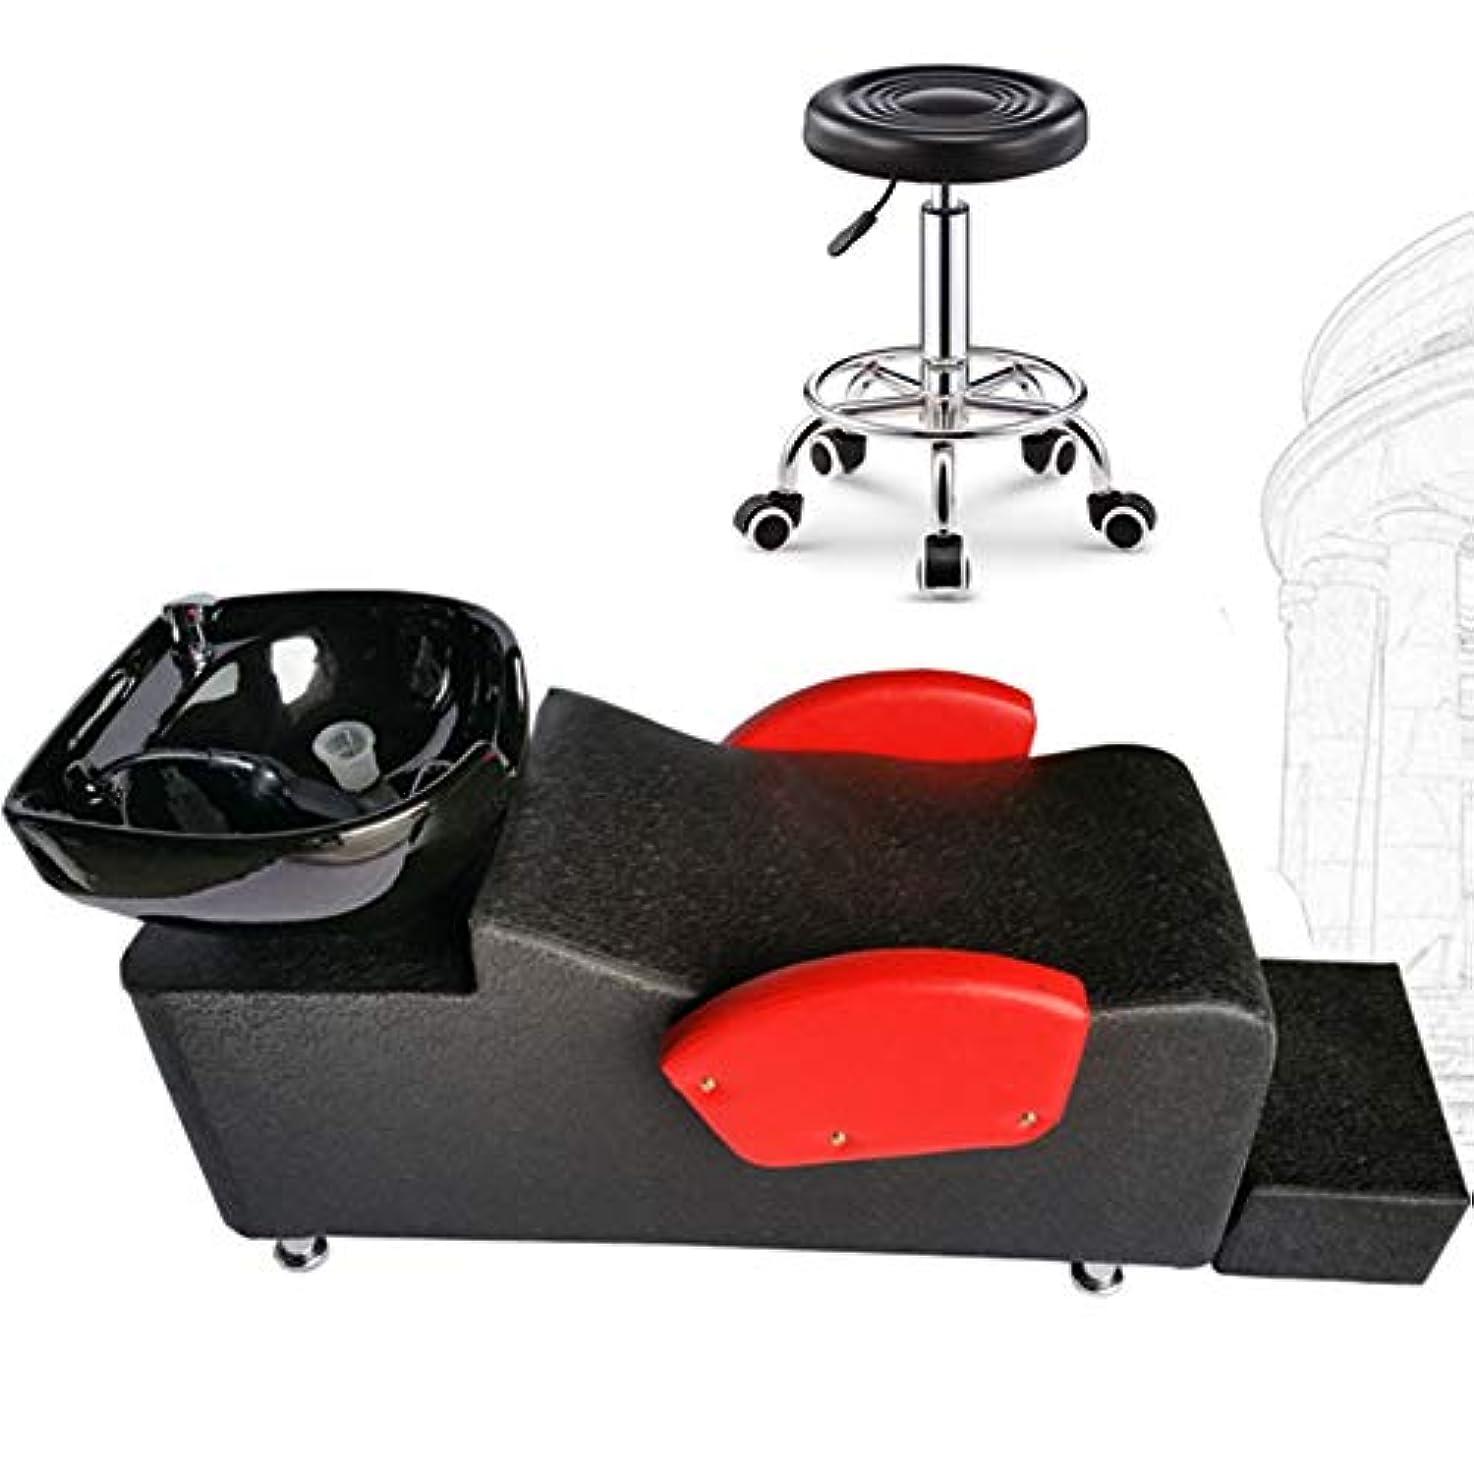 スロー包括的強化サロン用シャンプー椅子とボウル、スパ美容室機器パンチングウォーターベッドチェア用の逆洗ユニット理髪シンクチェア